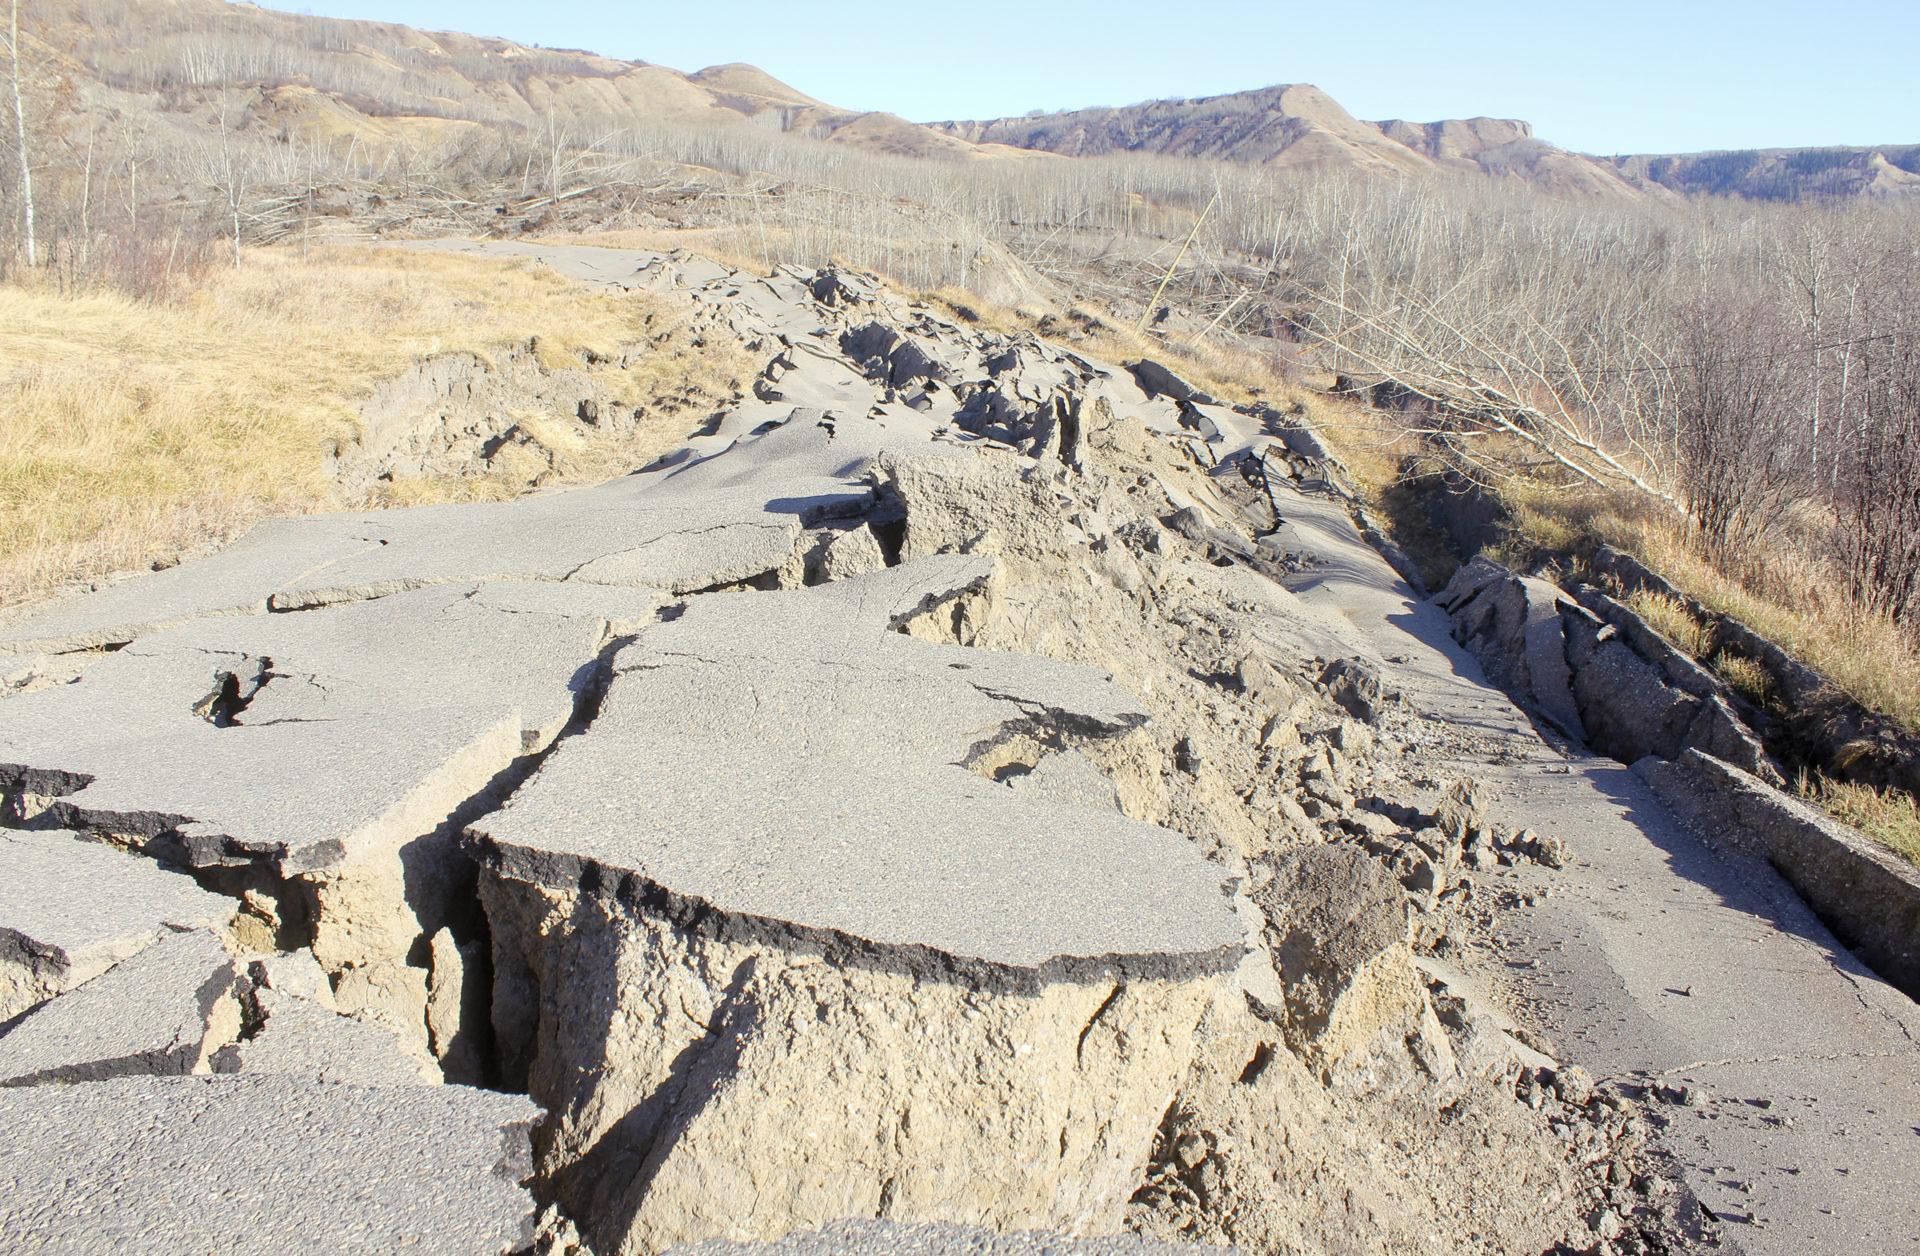 Old Fort Landslide Old Fort Road Damage Matt Preprost